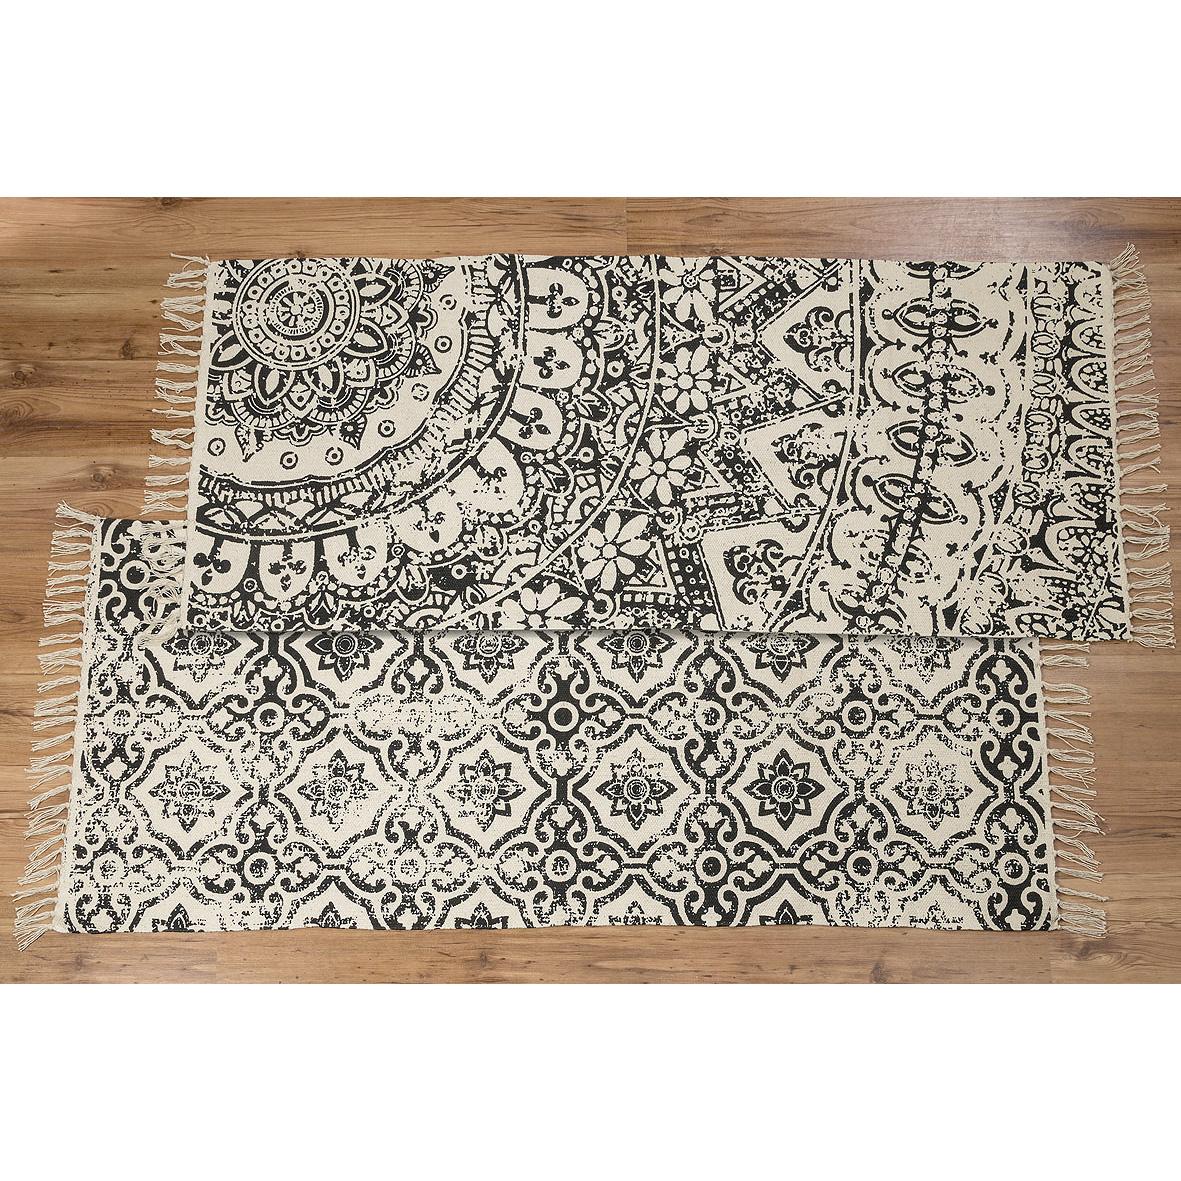 Teppich marokka baumwolle schwarz wei ethno mod a 160 x 70cm - Baumwollteppich schwarz weiay ...